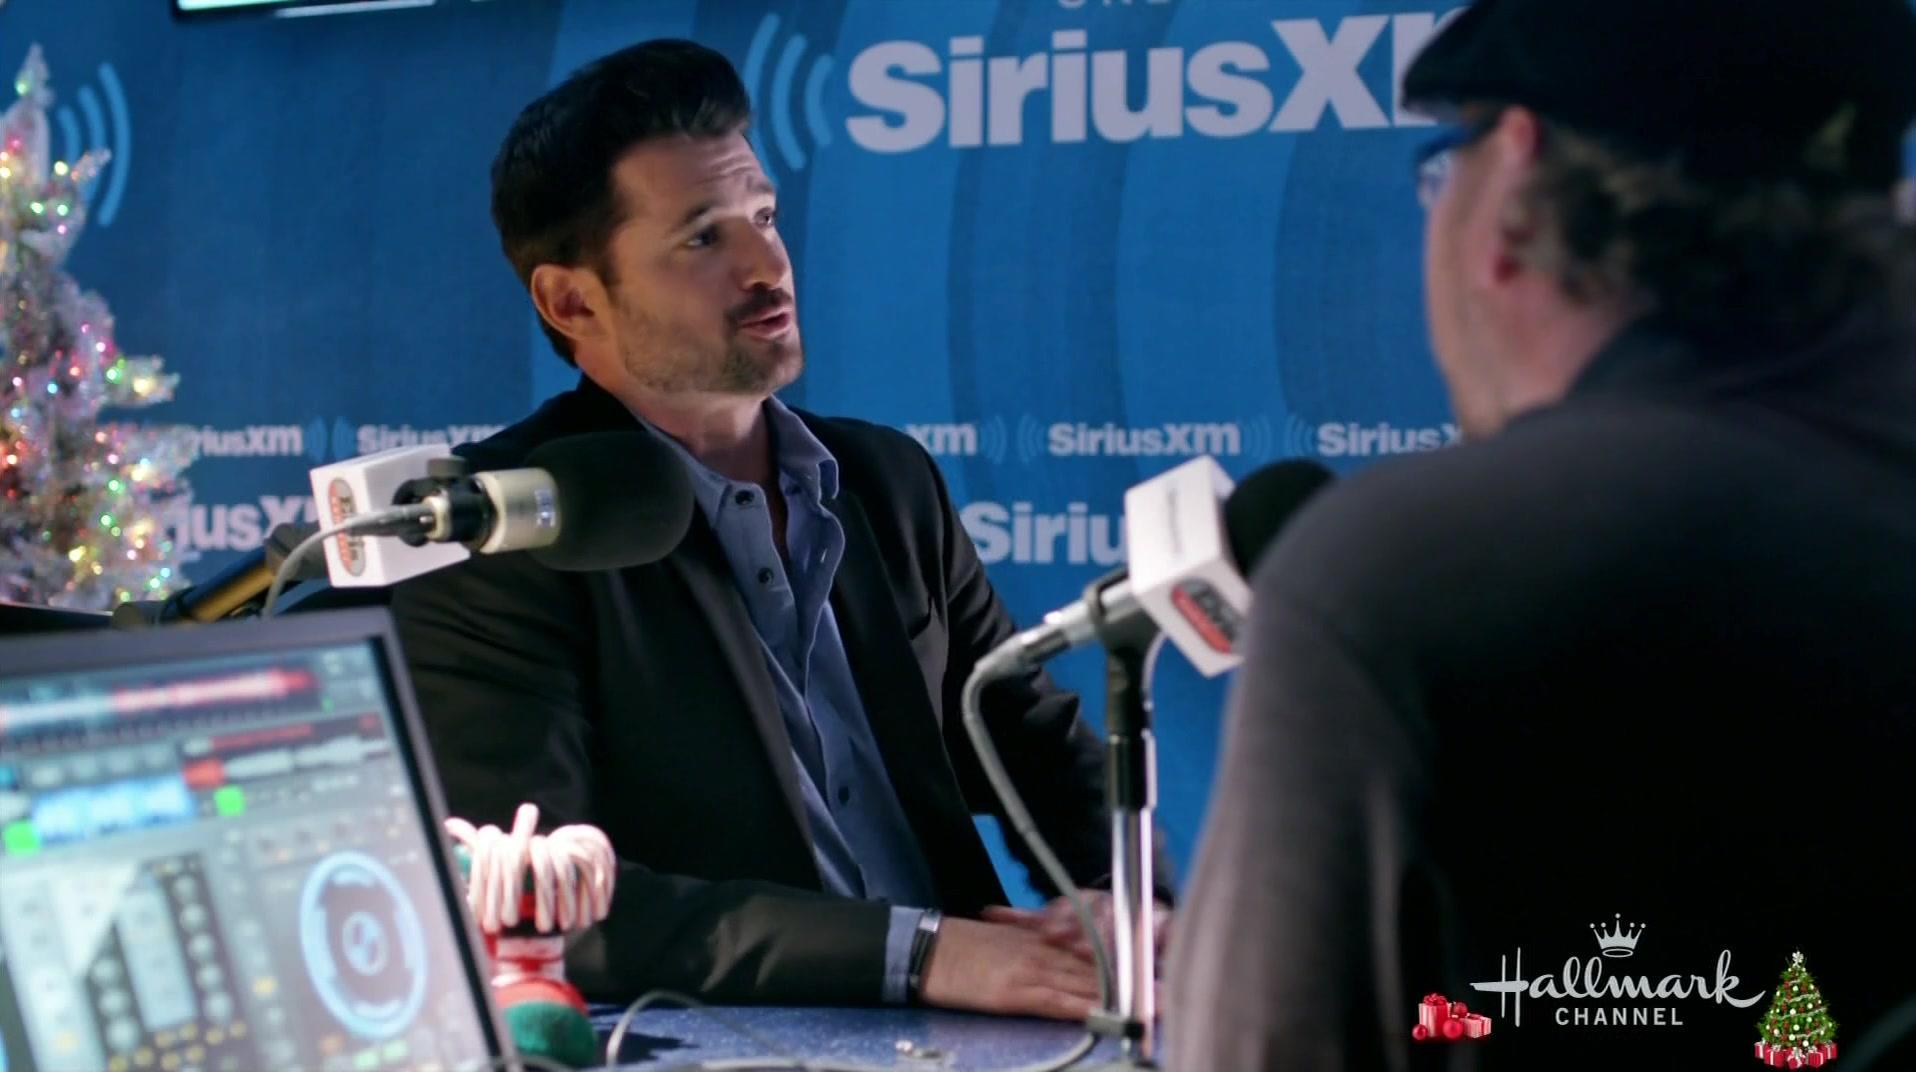 Xm Radio Christmas.Sirius Xm Radio Station In Christmas At Graceland 2018 Movie